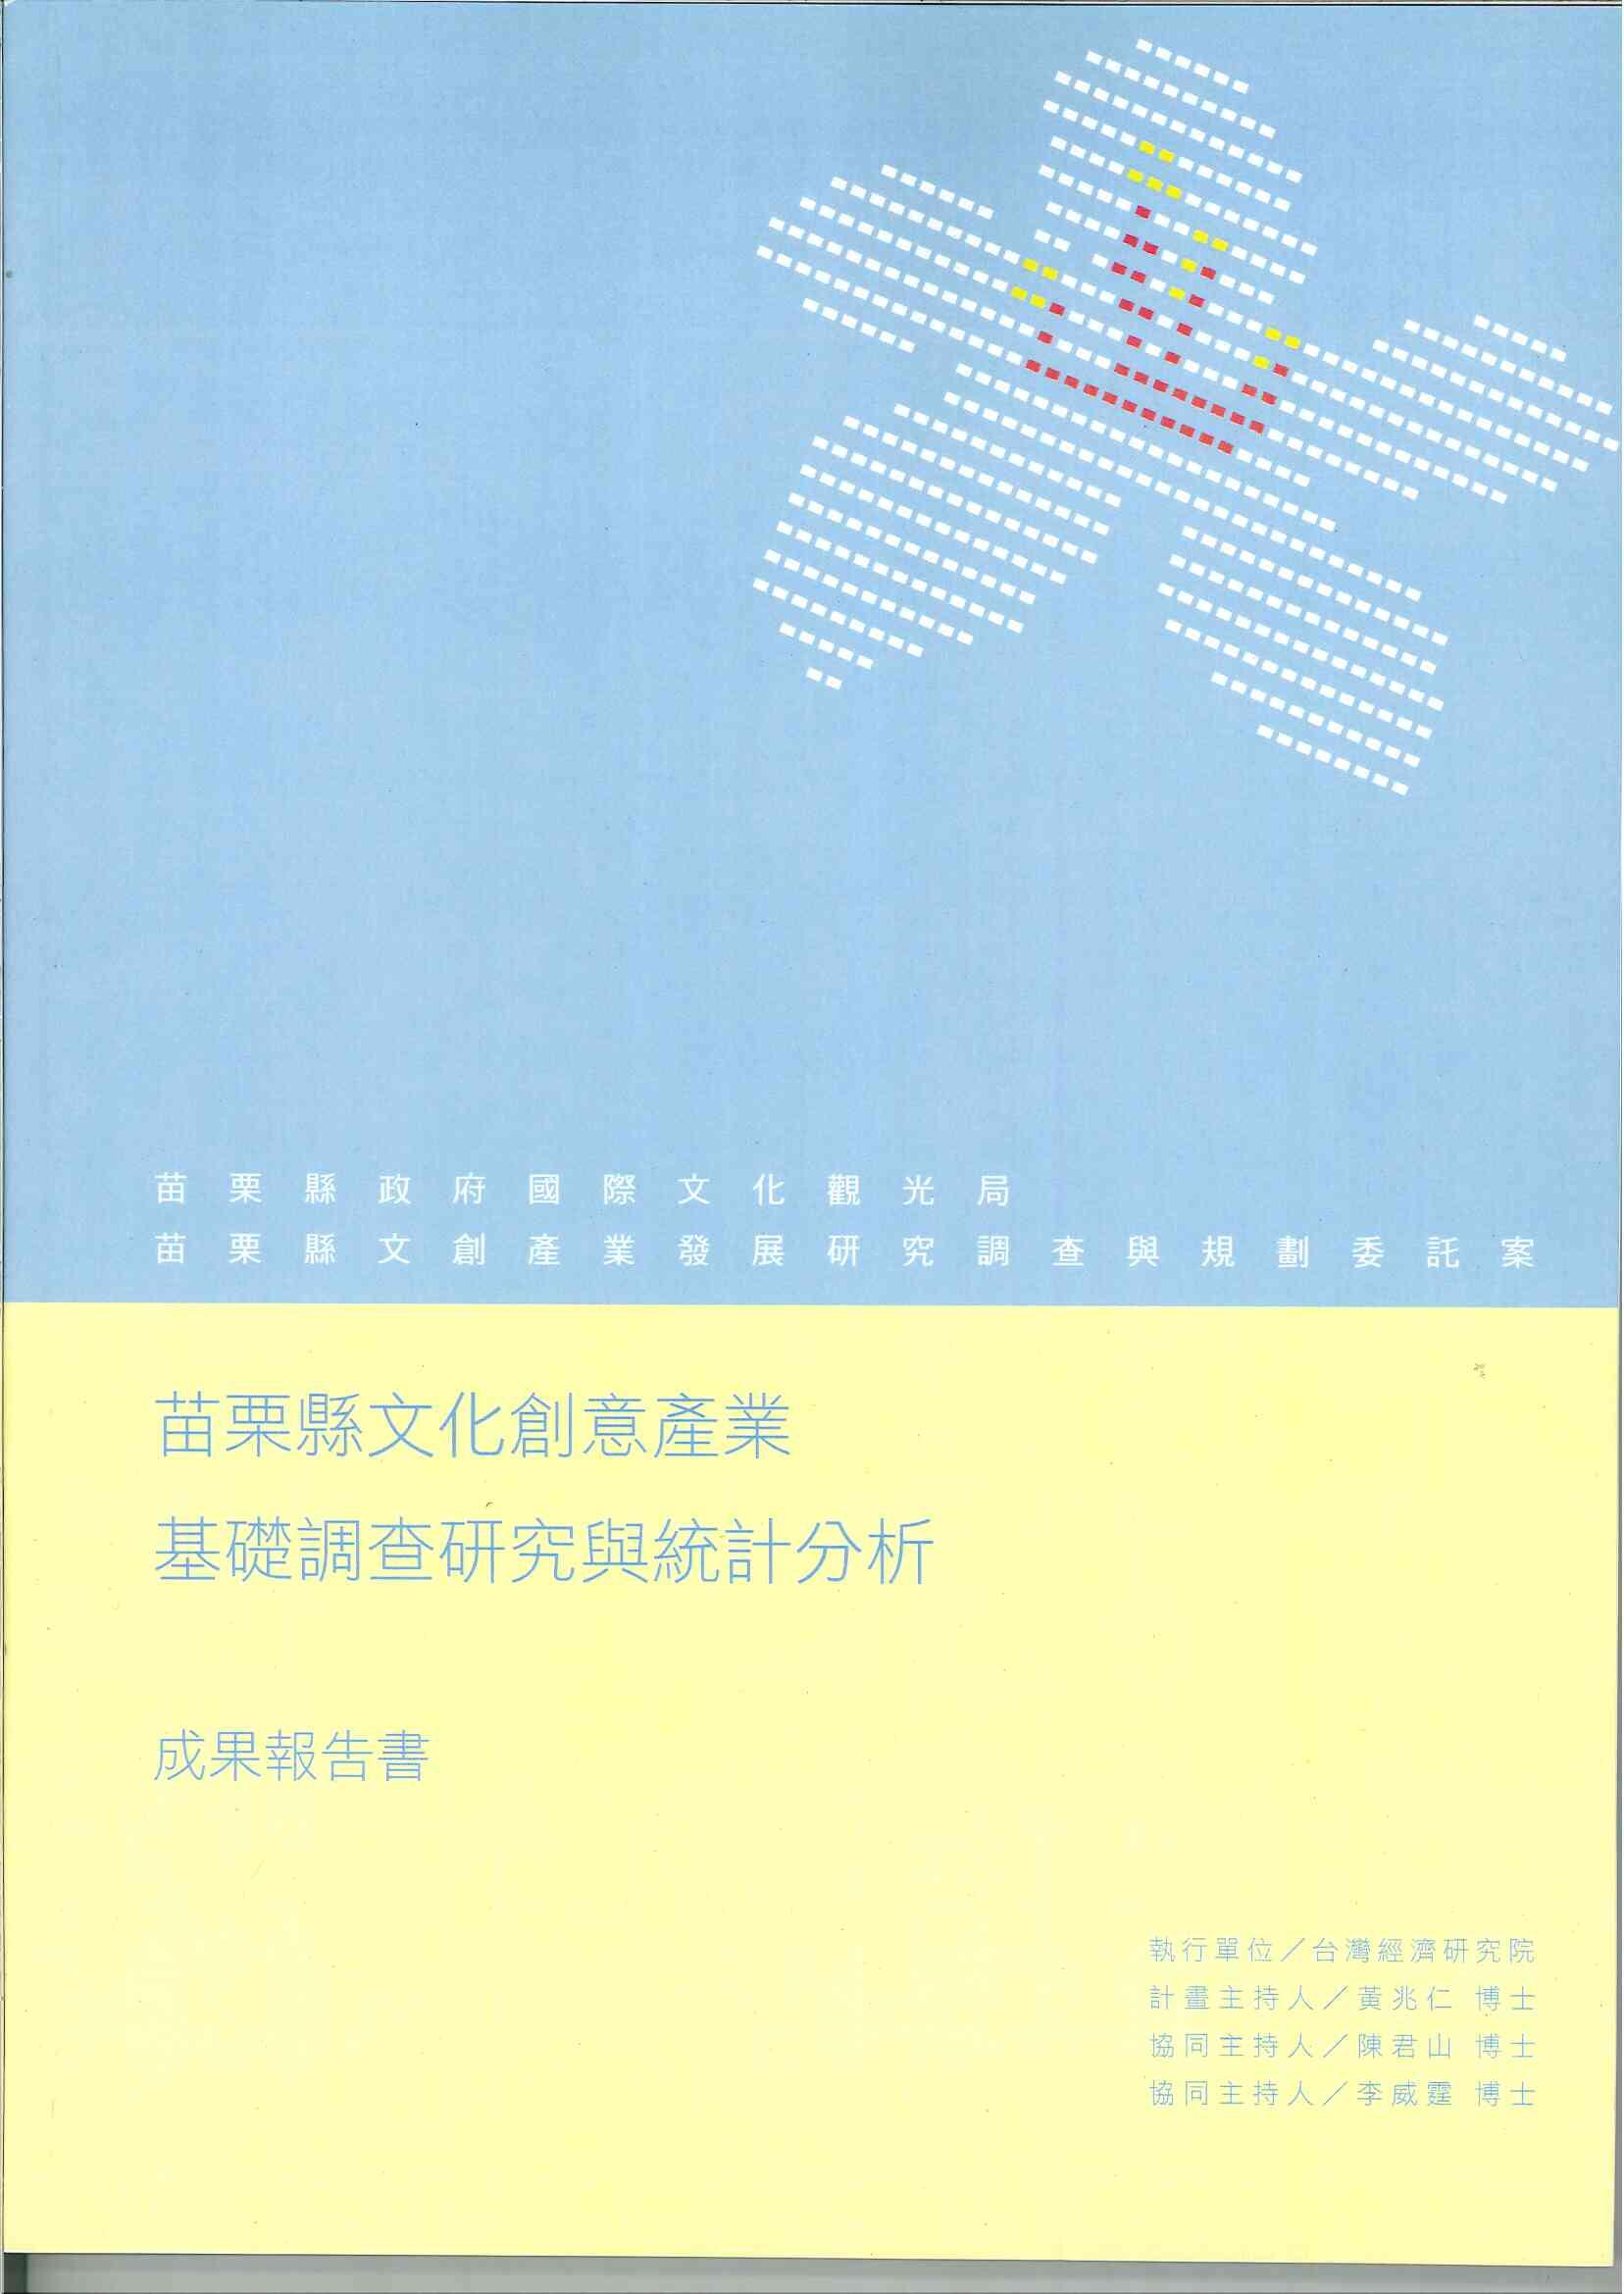 苗栗縣文化創意產業基礎調查統計分析:成果報告書